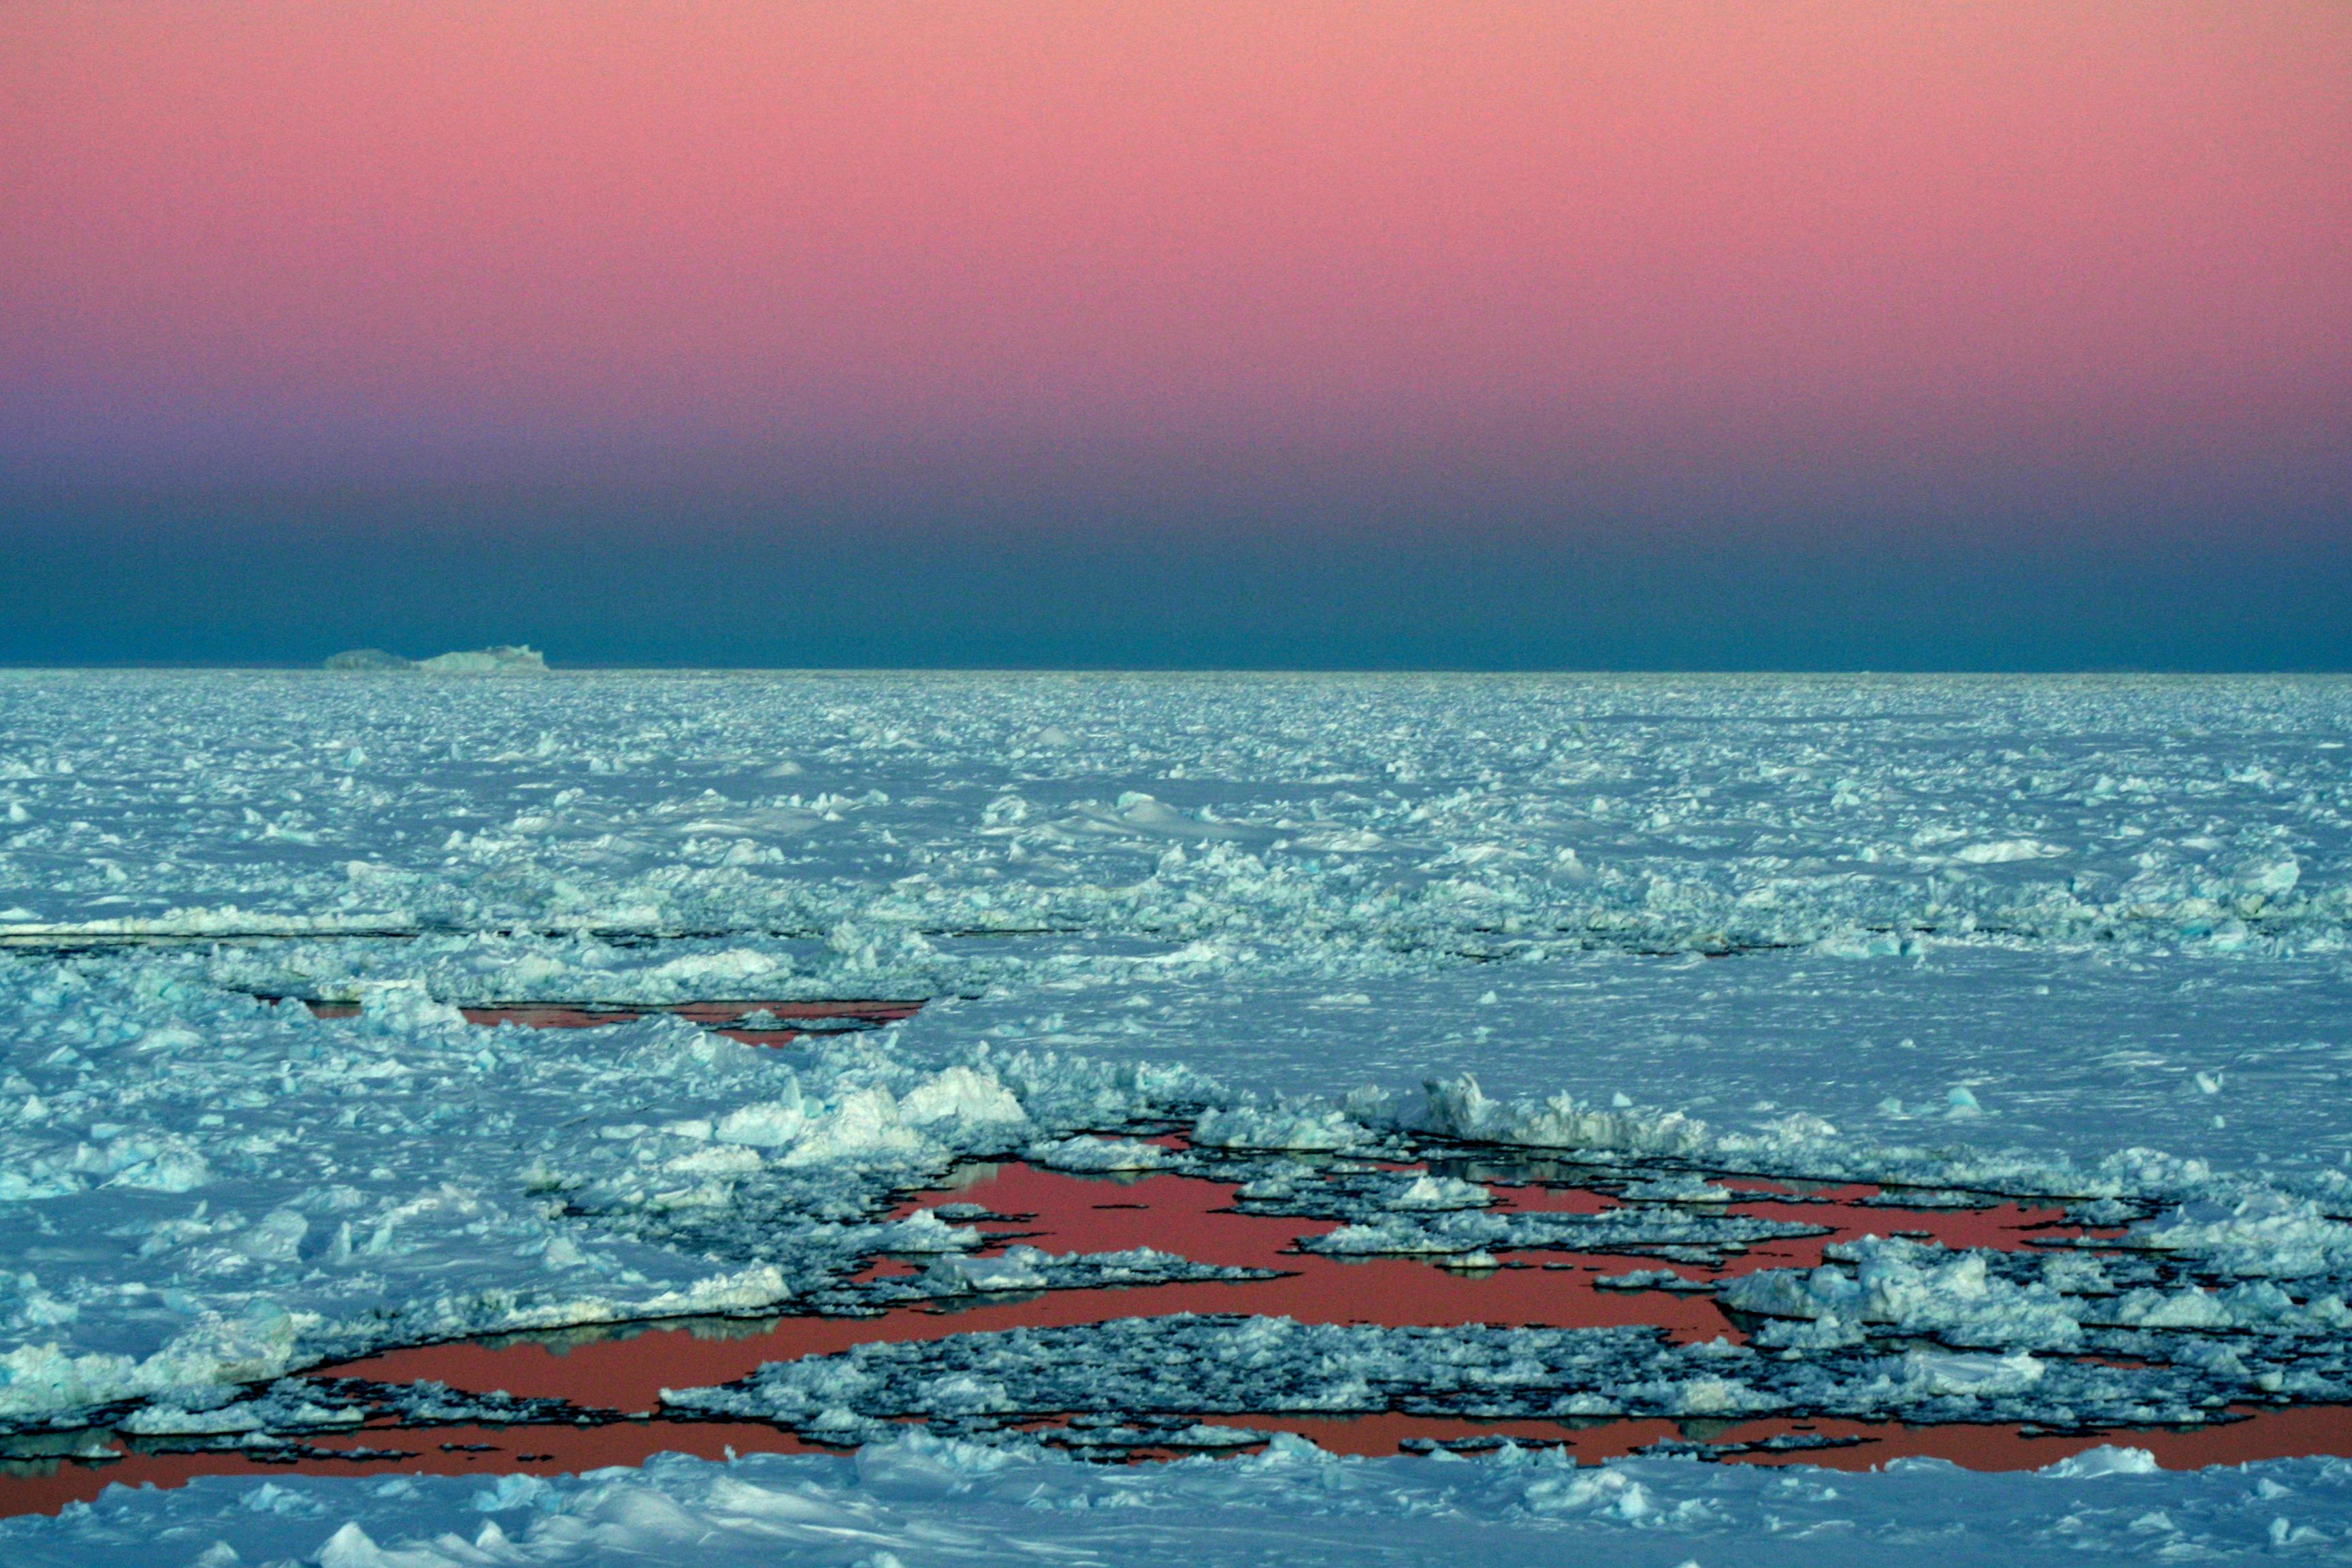 Photo BANQUISE : Lumière crépusculaire en mer de Weddell (Antarctique). Tel un lac de lave solidifiée flottant sur un magma liquide, la banquise se disloque, se fissure et se fragmente, laissant l'océan s'infiltrer dans les moindres ouvertures.